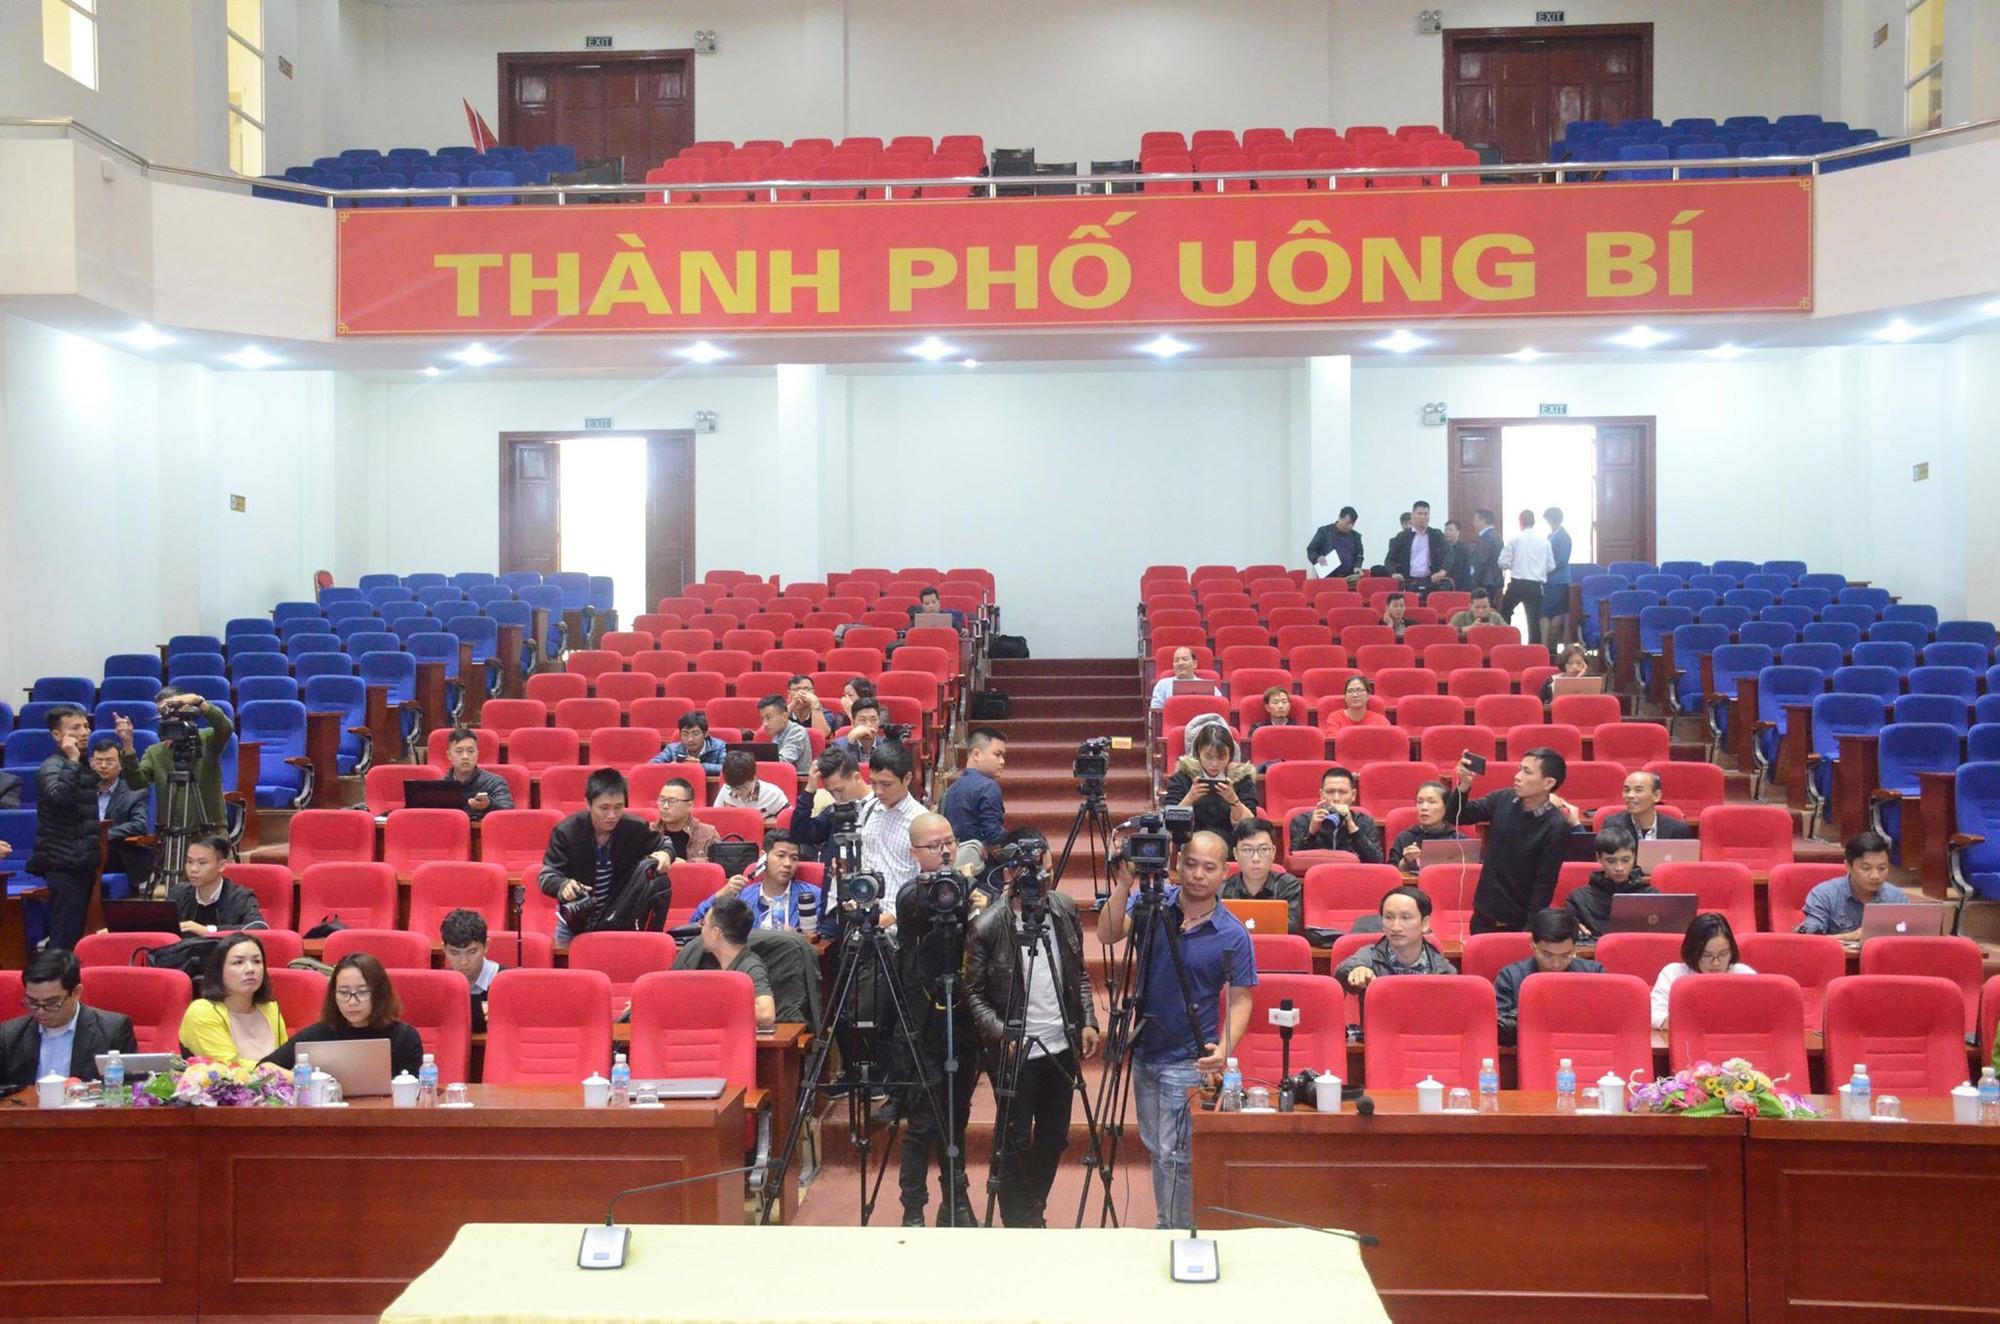 Phạt bà Phạm Thị Yến 5 triệu đồng, yêu cầu chùa Ba Vàng dừng ngay hoạt động thỉnh oan gia trái chủ - Ảnh 1.